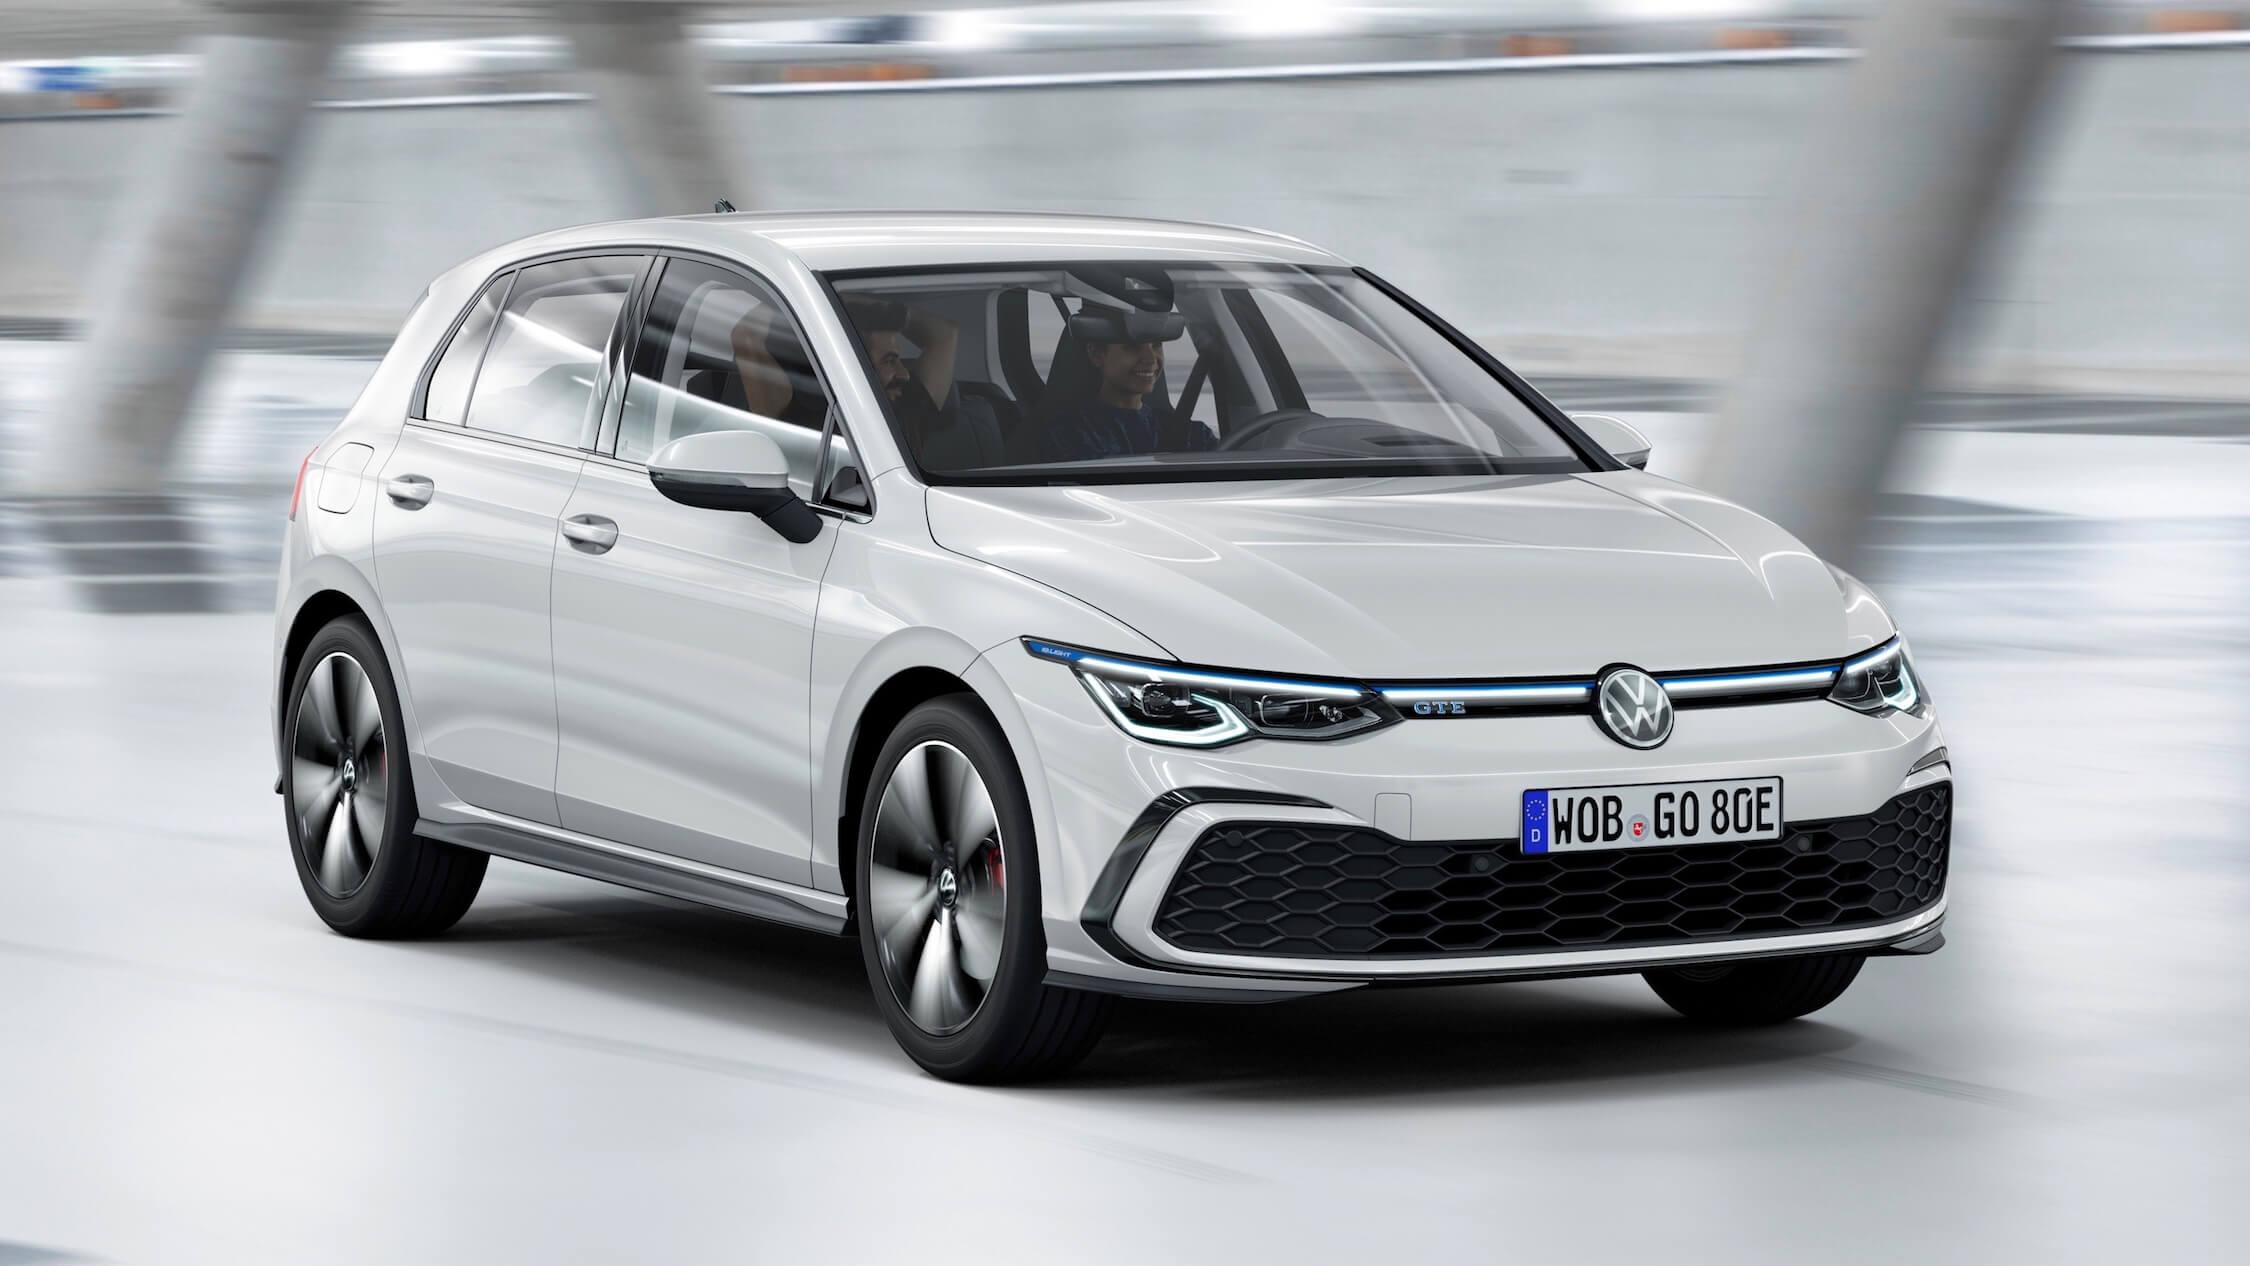 2020 Volkswagen Golf hybride